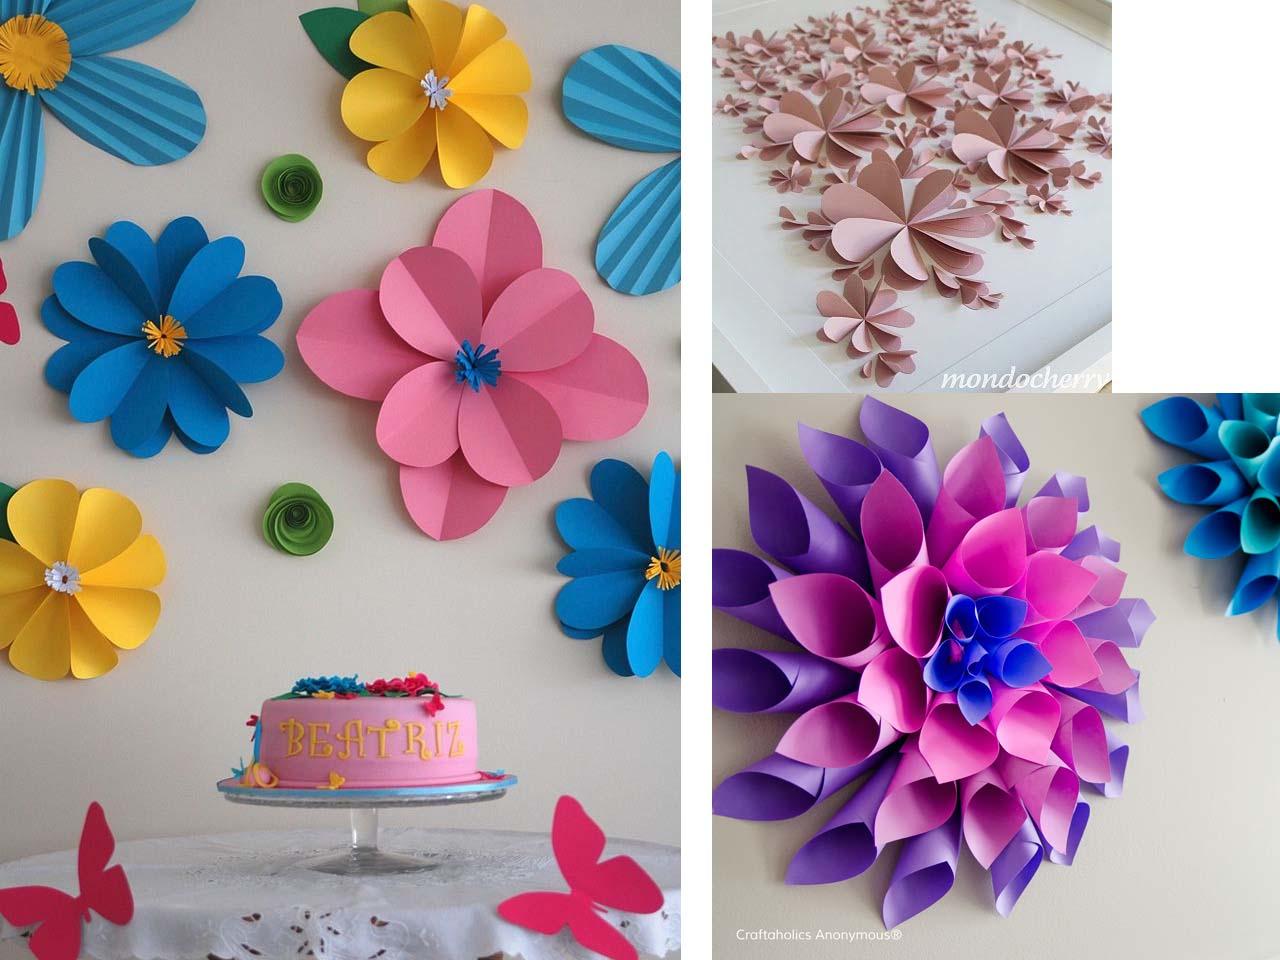 8 trucos de decoraci n con flores para respirar naturaleza for Papel de decoracion